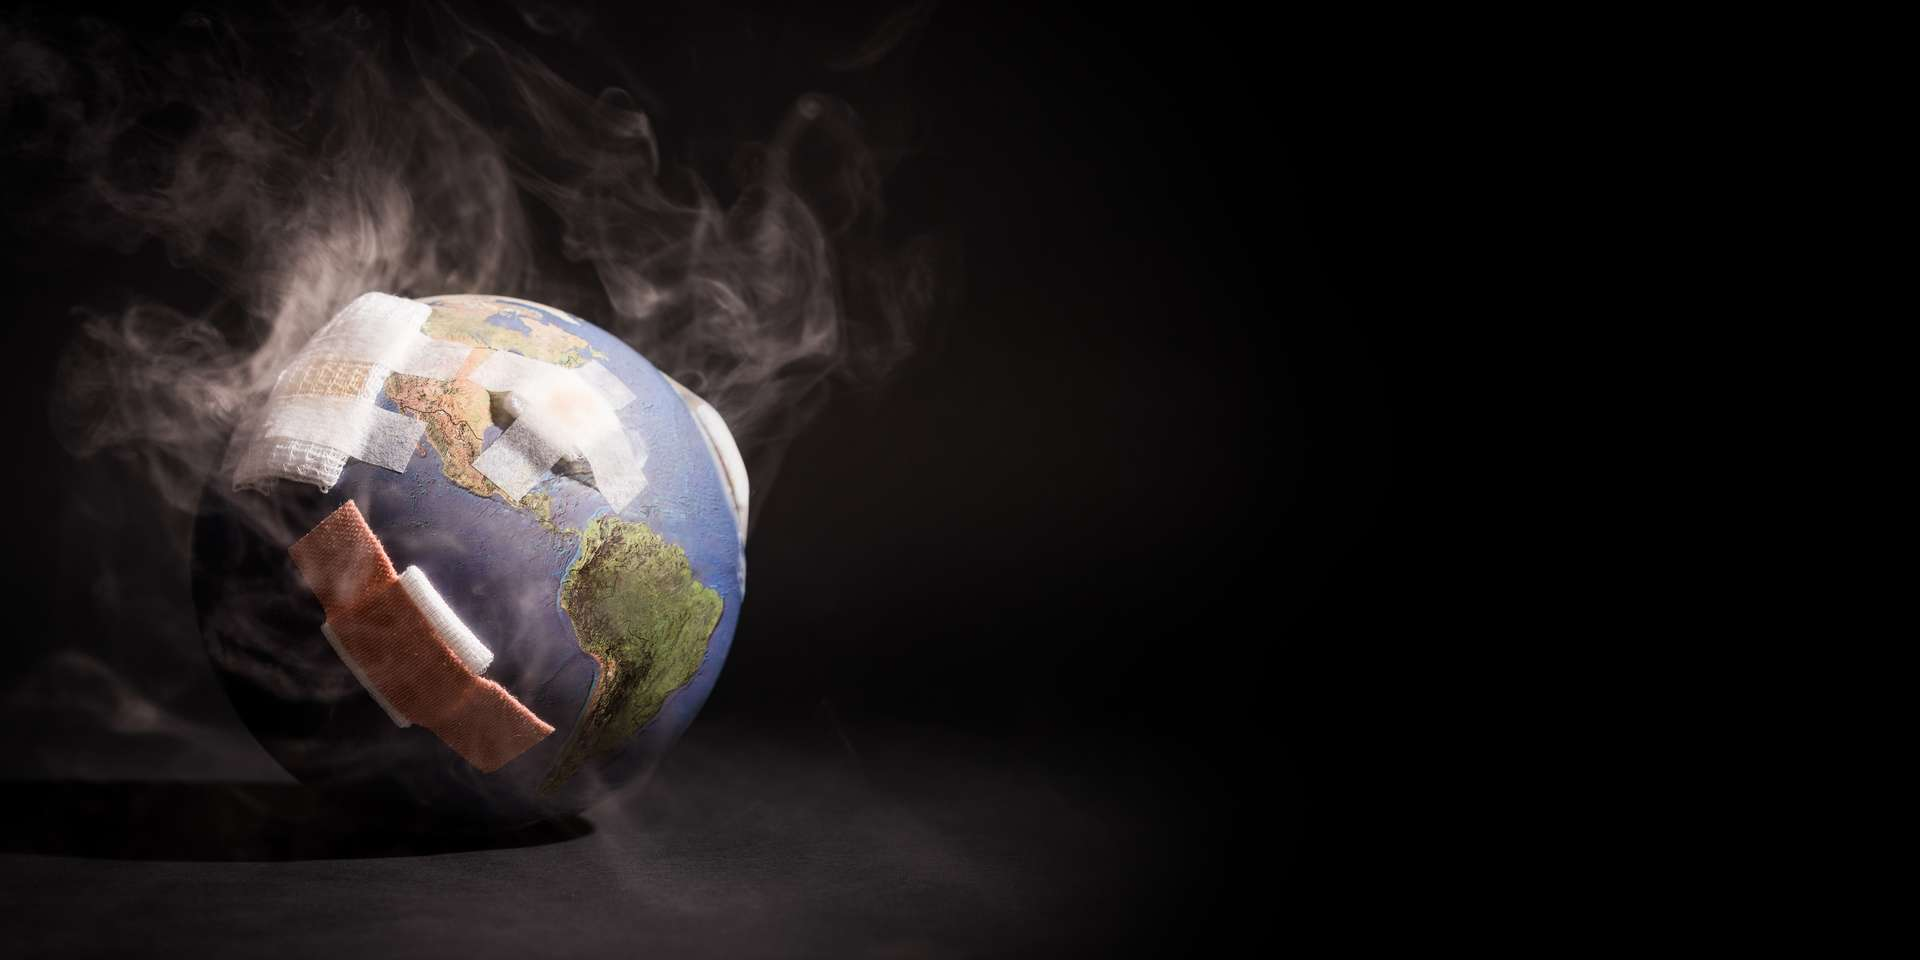 Une augmentation de la température de plus de 1,5 °C par rapport à l'ère préindustrielle est considérée comme un « seuil dangereux ». © myboys.me, Adobe Stock